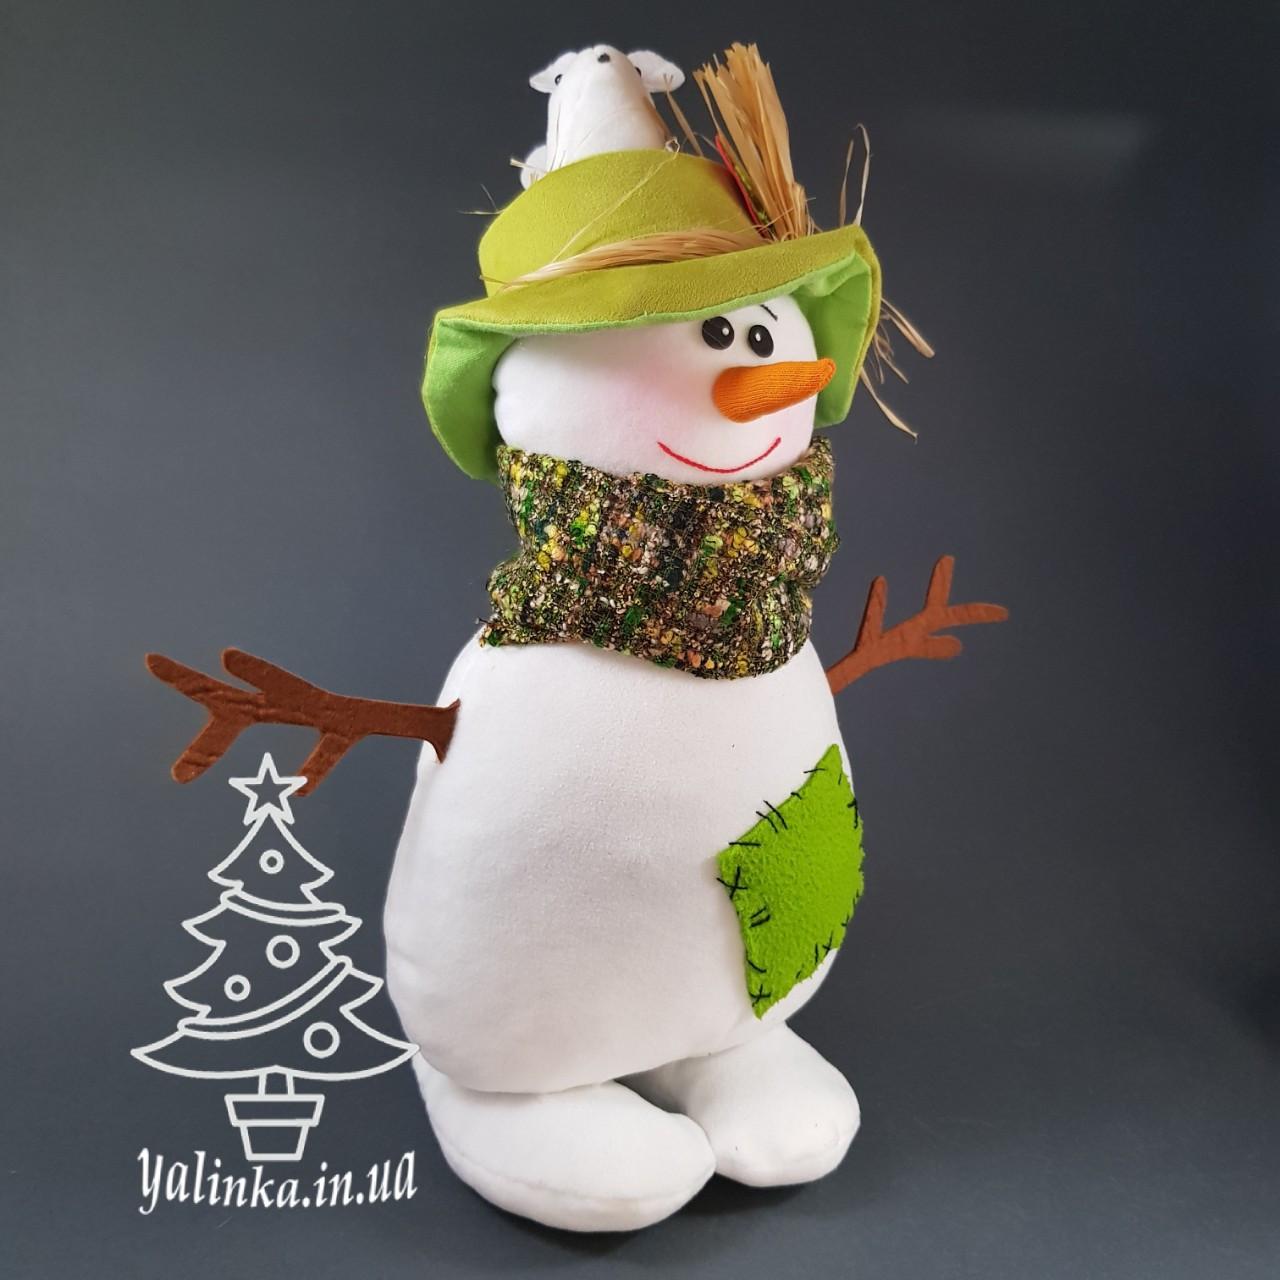 Мягкая новогодняя игрушка Снеговик с мышами в шляпе 35 см